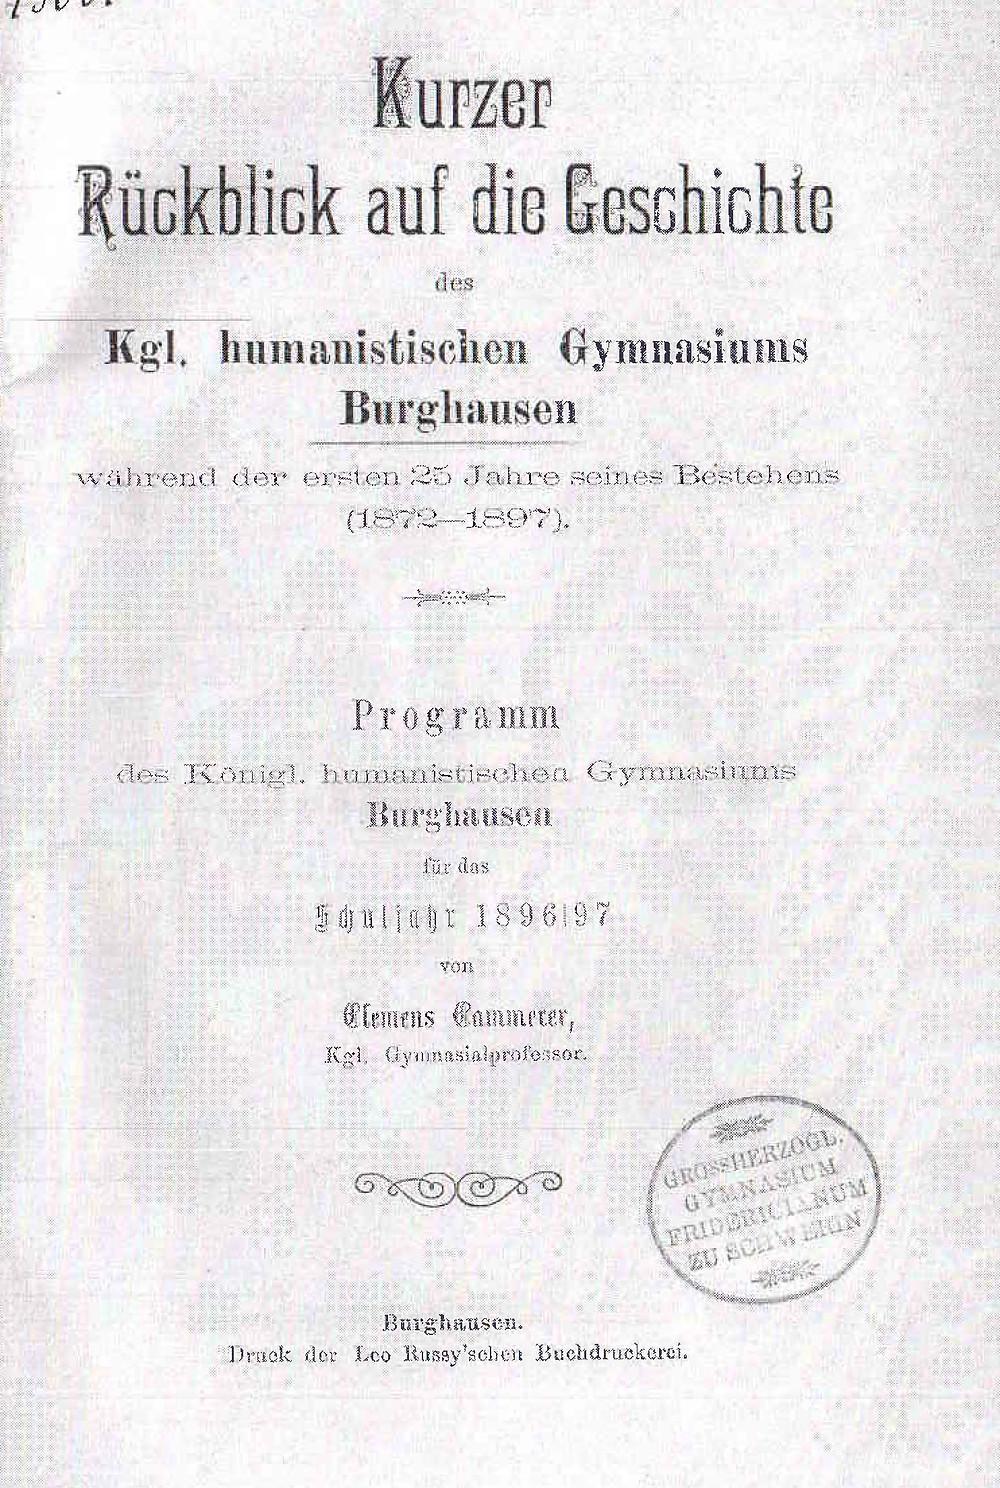 Seminare 1896-97.jpg